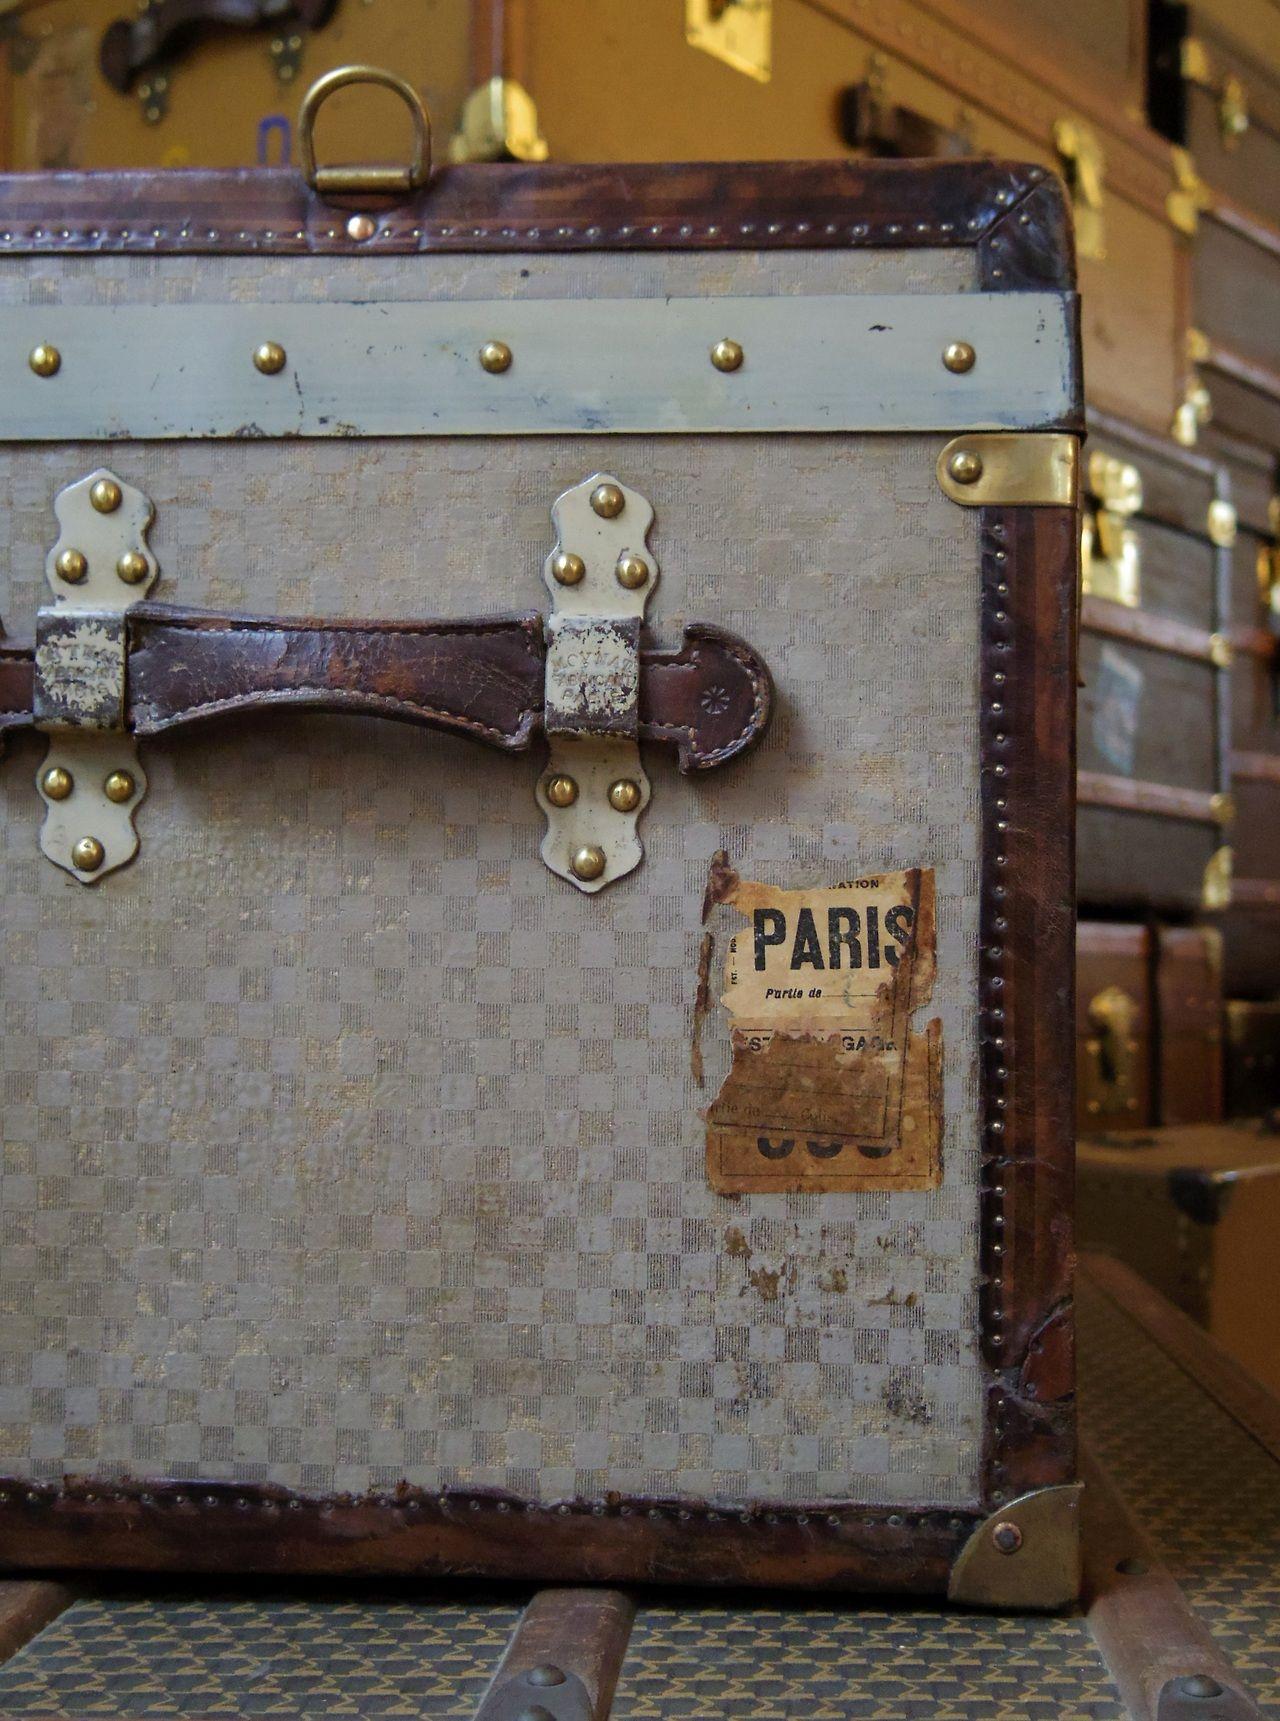 Epingle Par Vero Priolet Sur Escaping Dreaming Avec Images Malles Vintage Malles Et Coffres Malle Ancienne